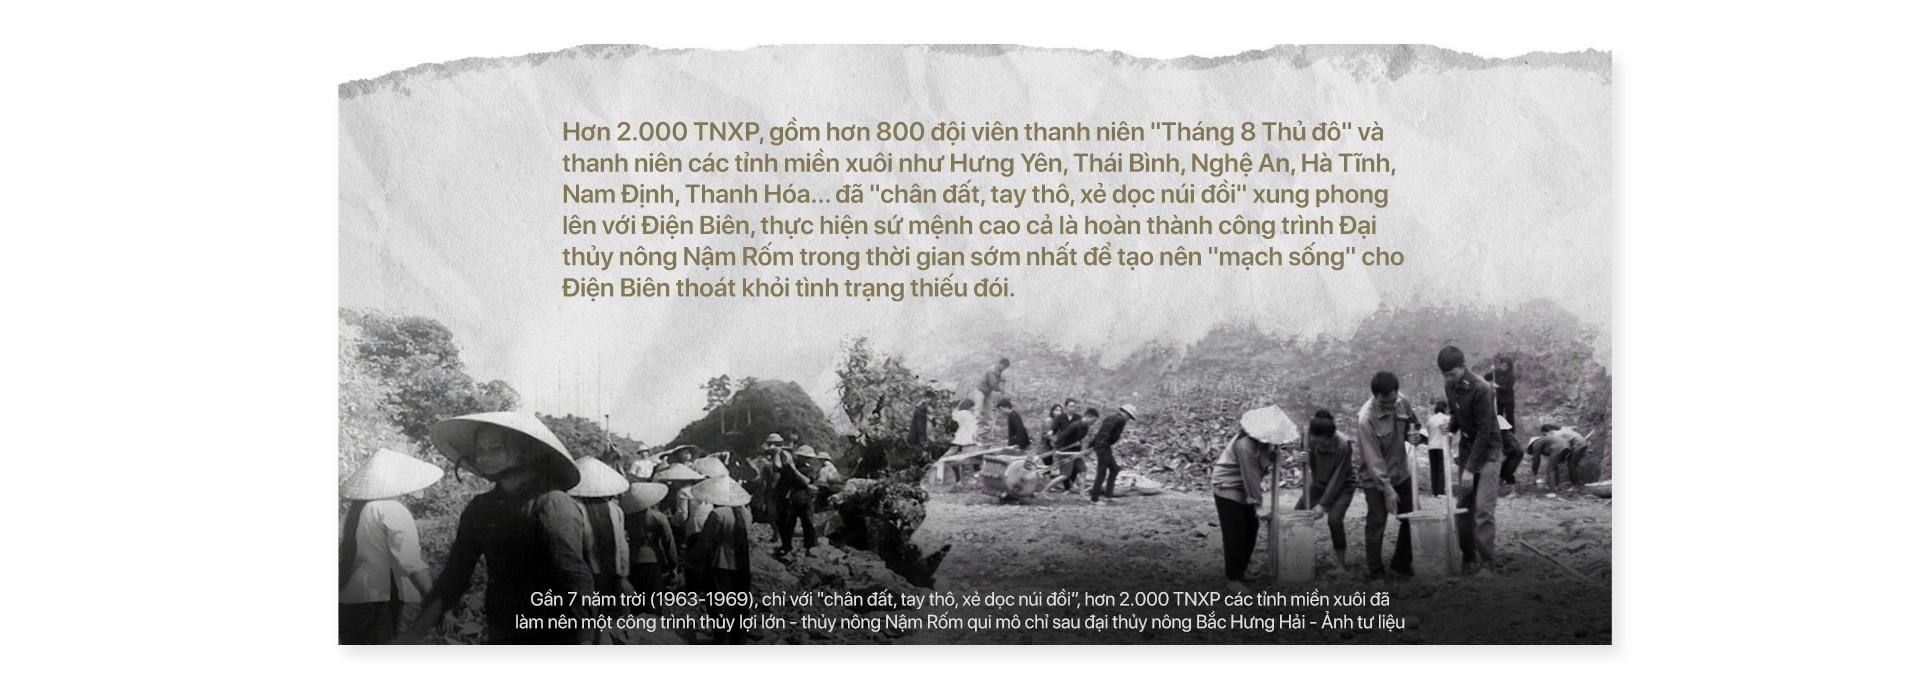 Nậm Rốm - Khúc tráng ca tuổi trẻ ở Điện Biên - Ảnh 2.